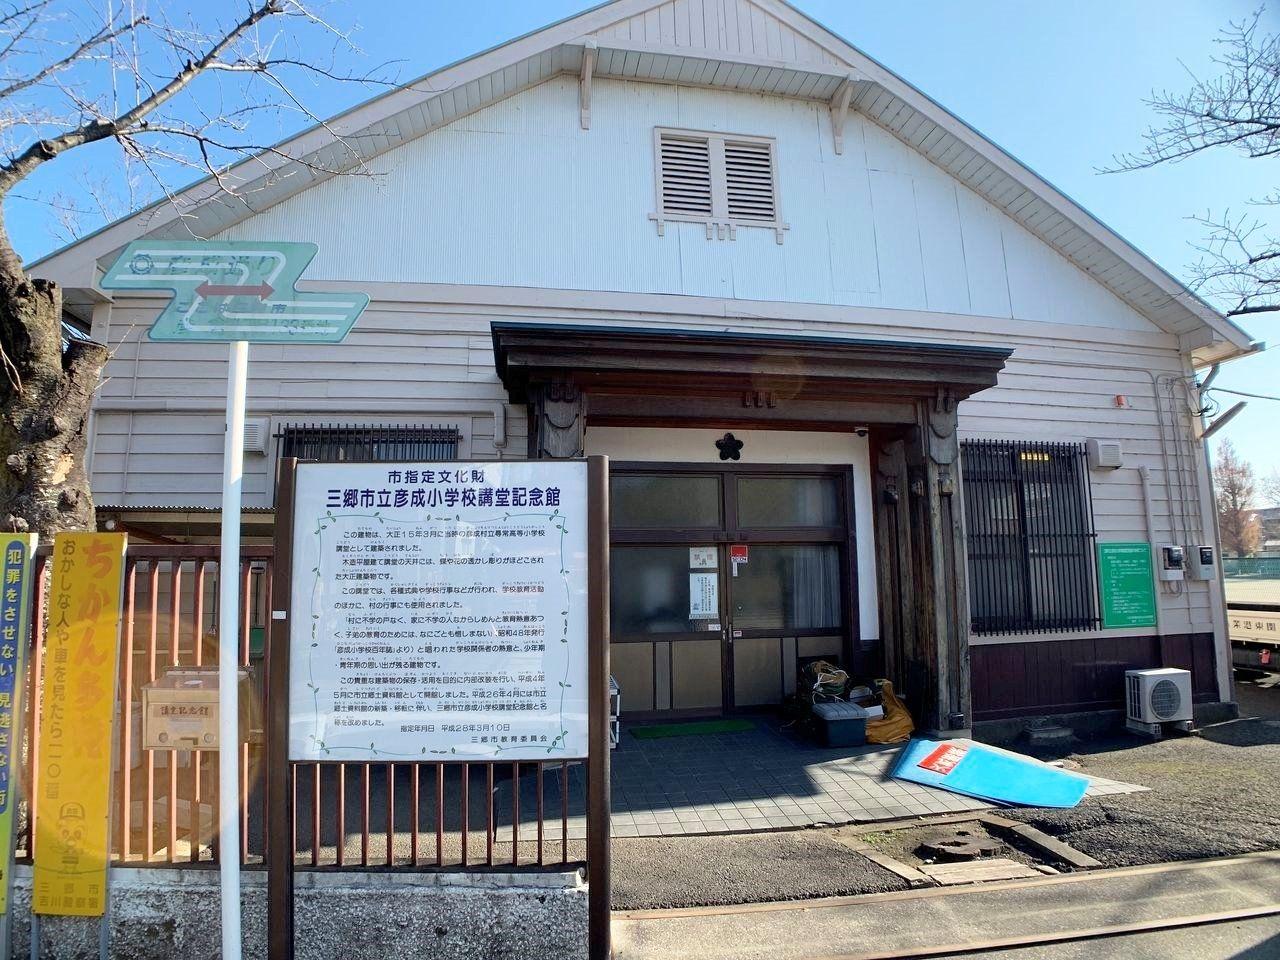 【指定文化財】三郷市立彦成小学校講堂記念館を紹介!